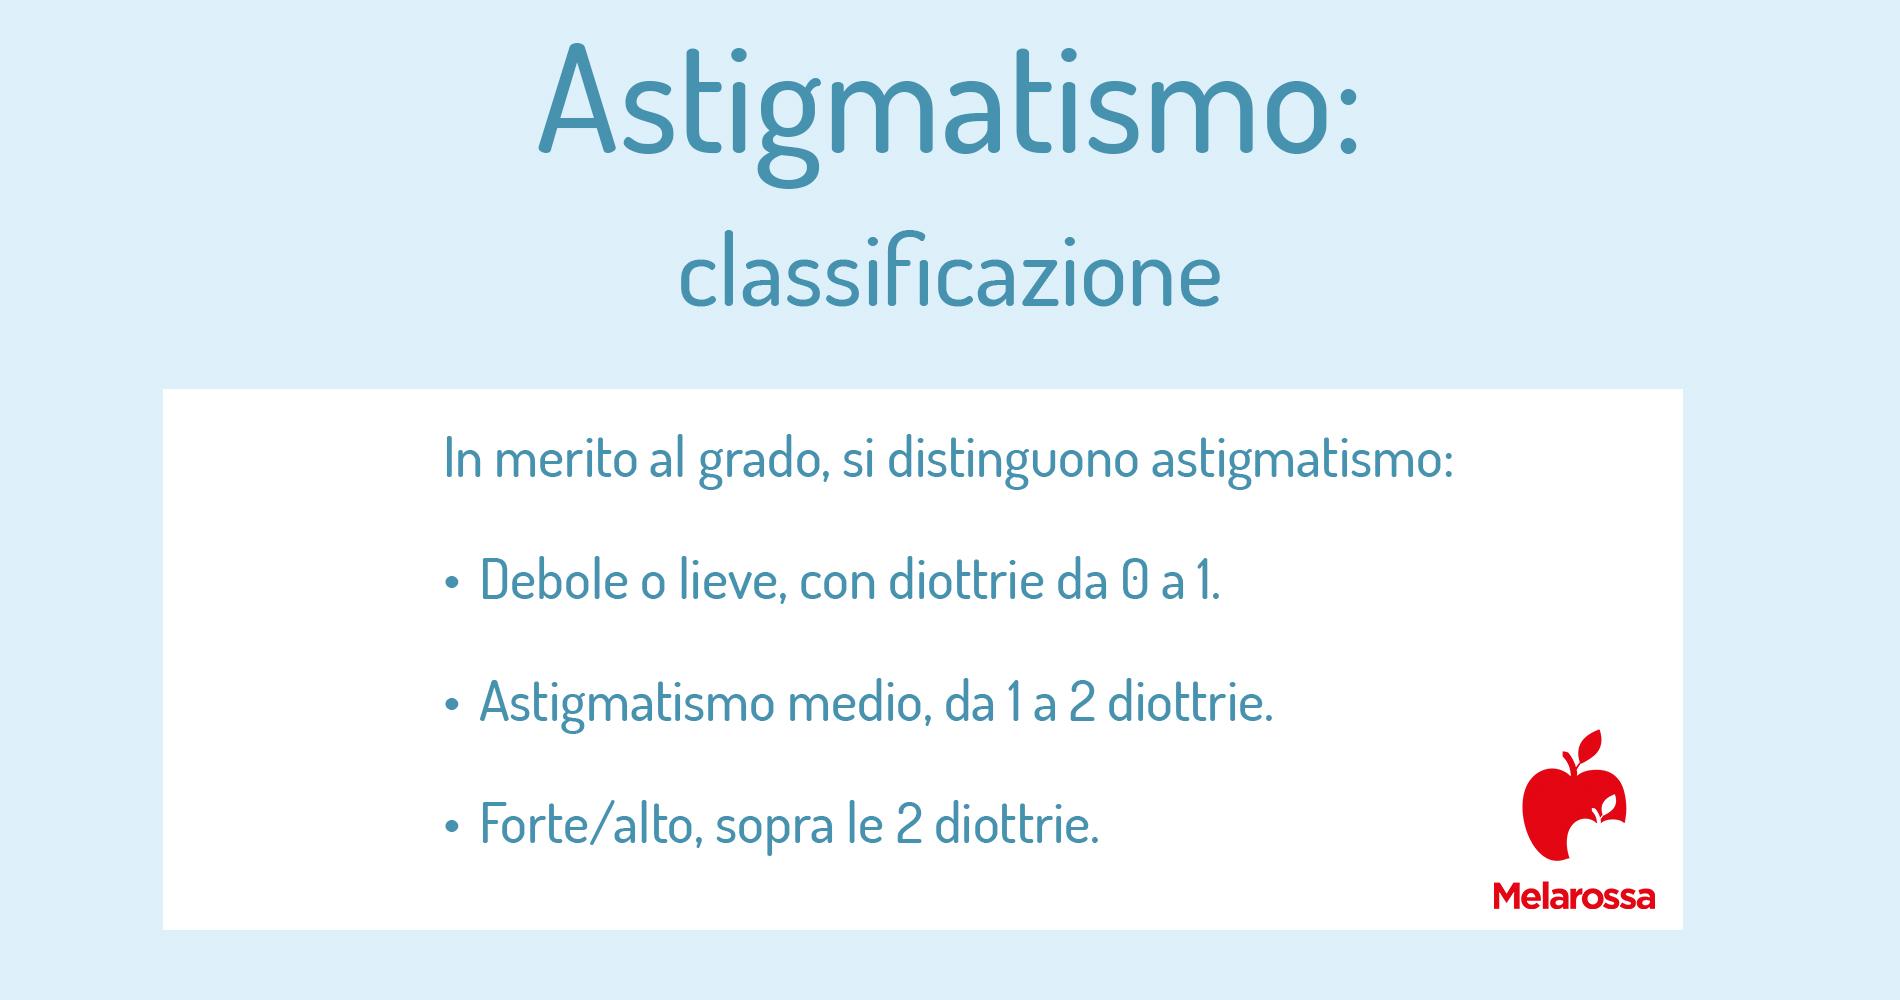 astigmatismo: classificazione